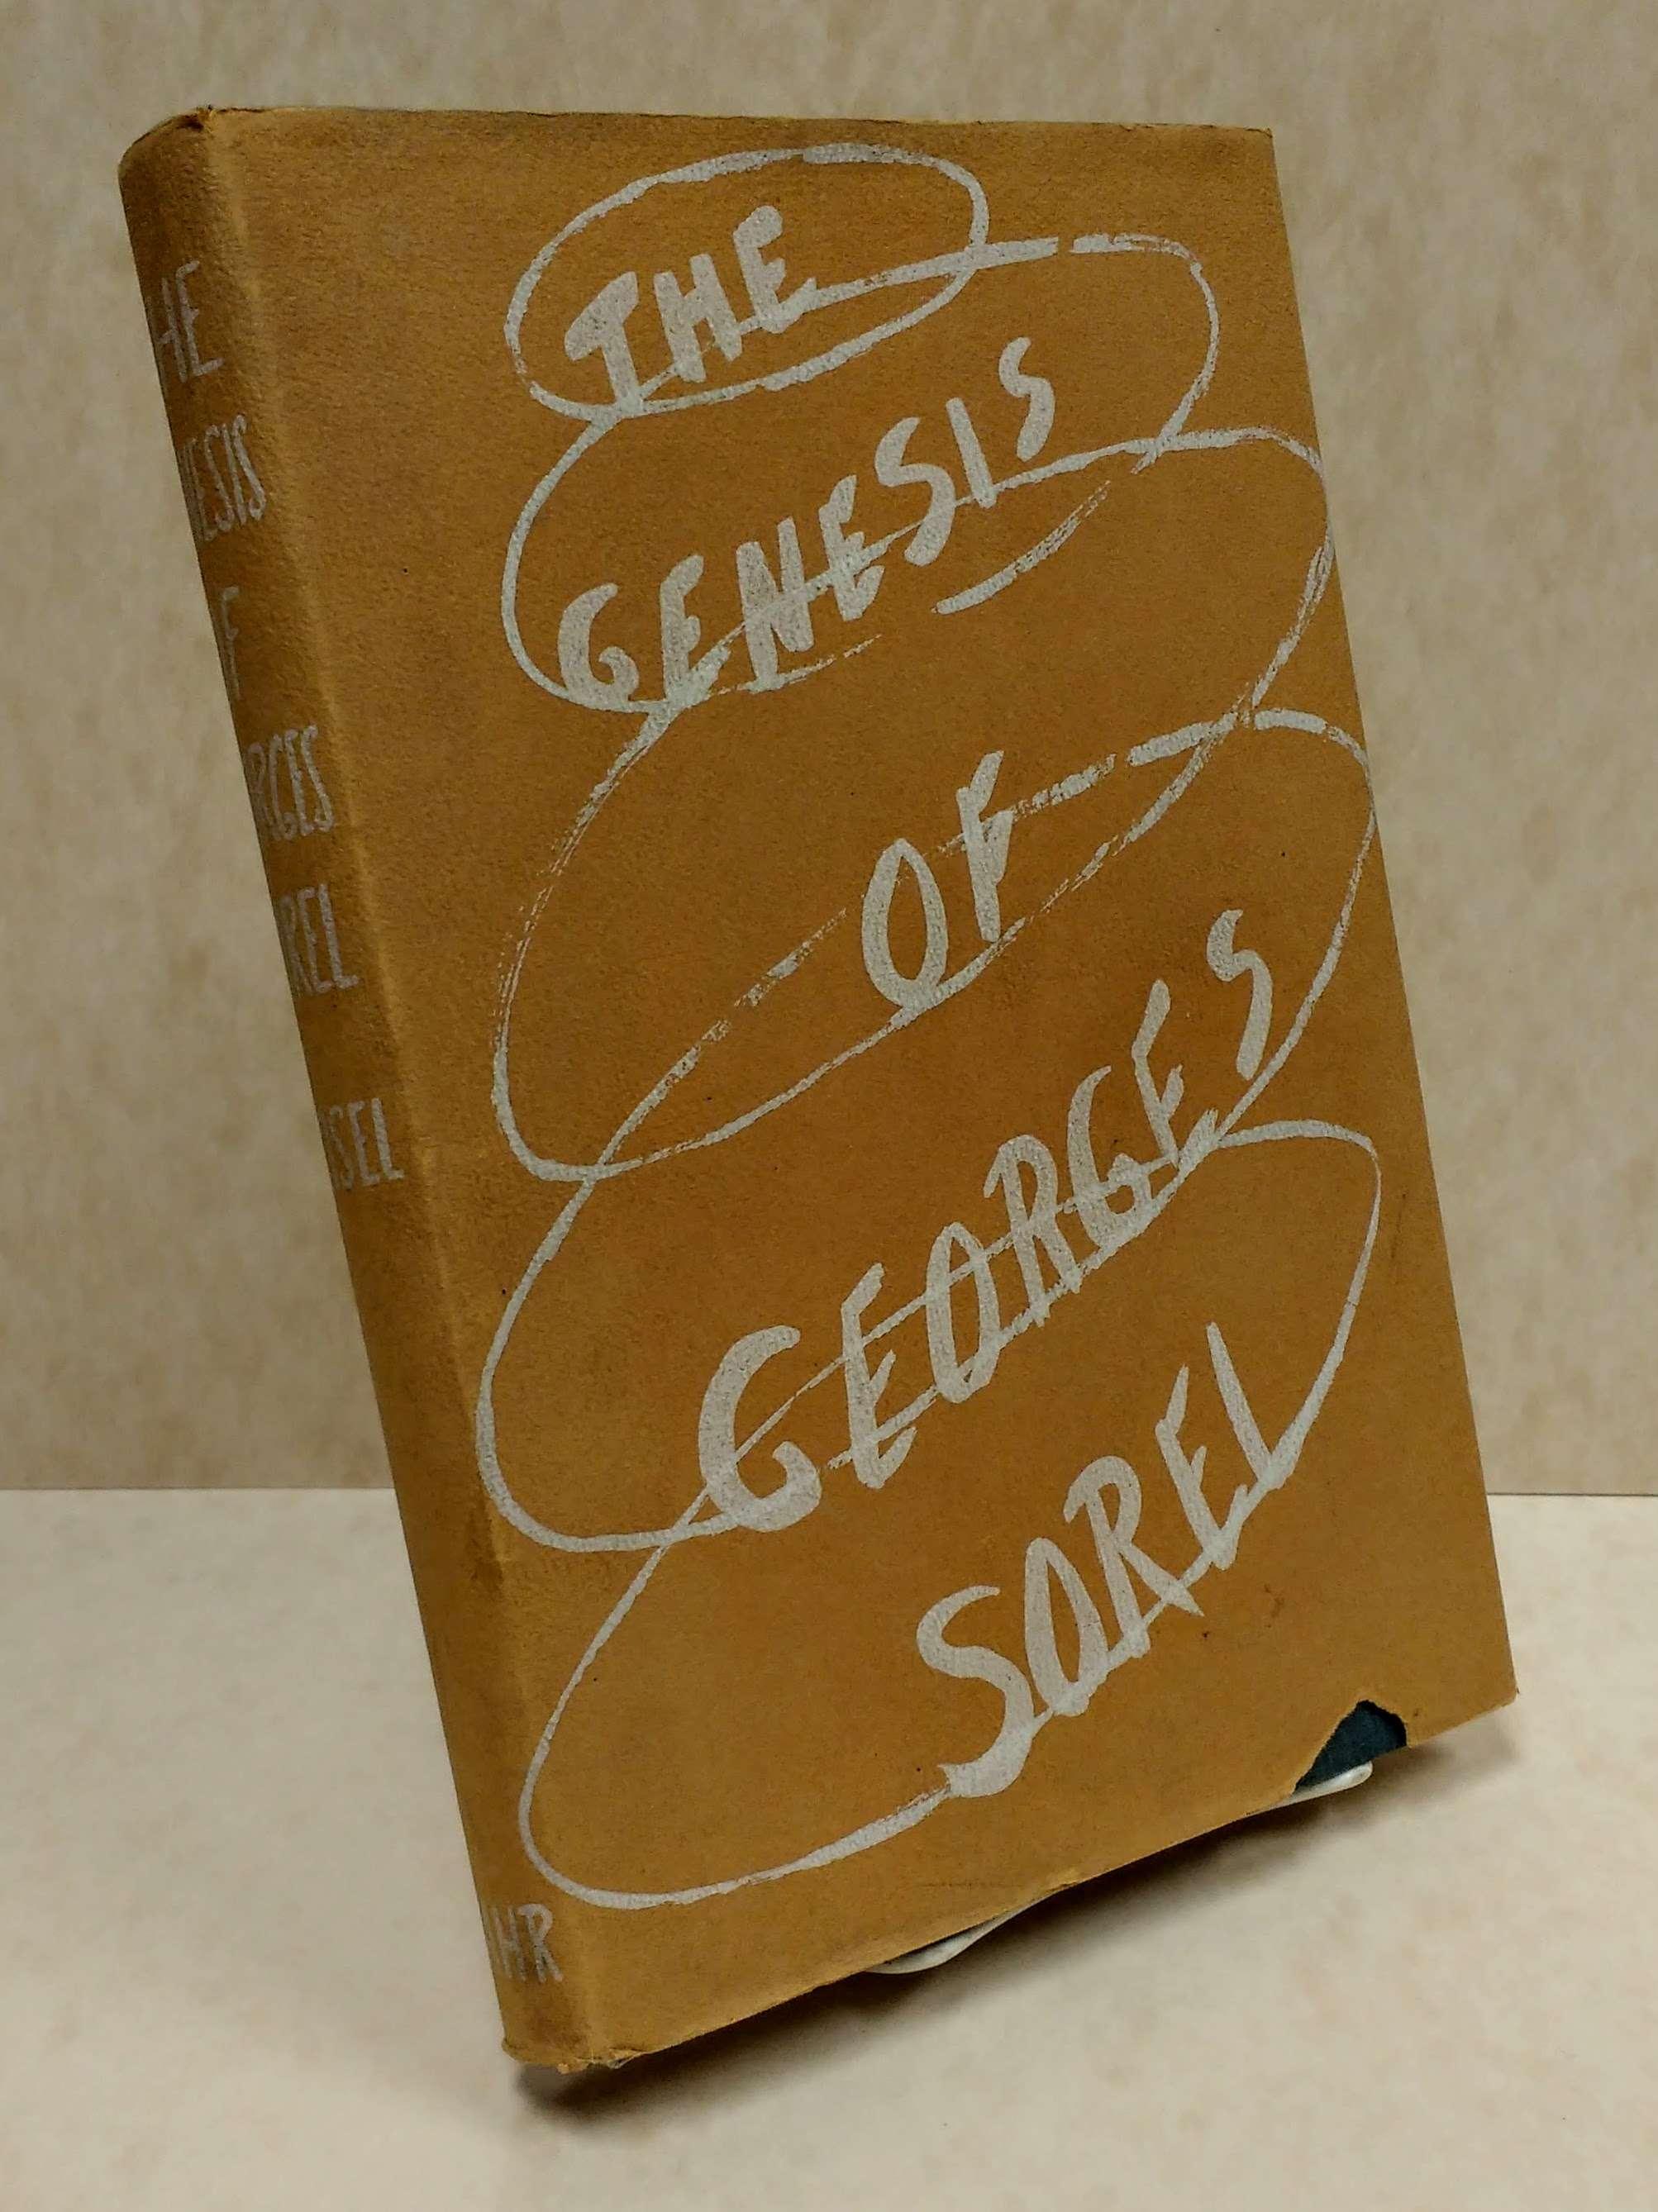 THE GENESIS OF GEORGES SOREL, Meisel, James H.